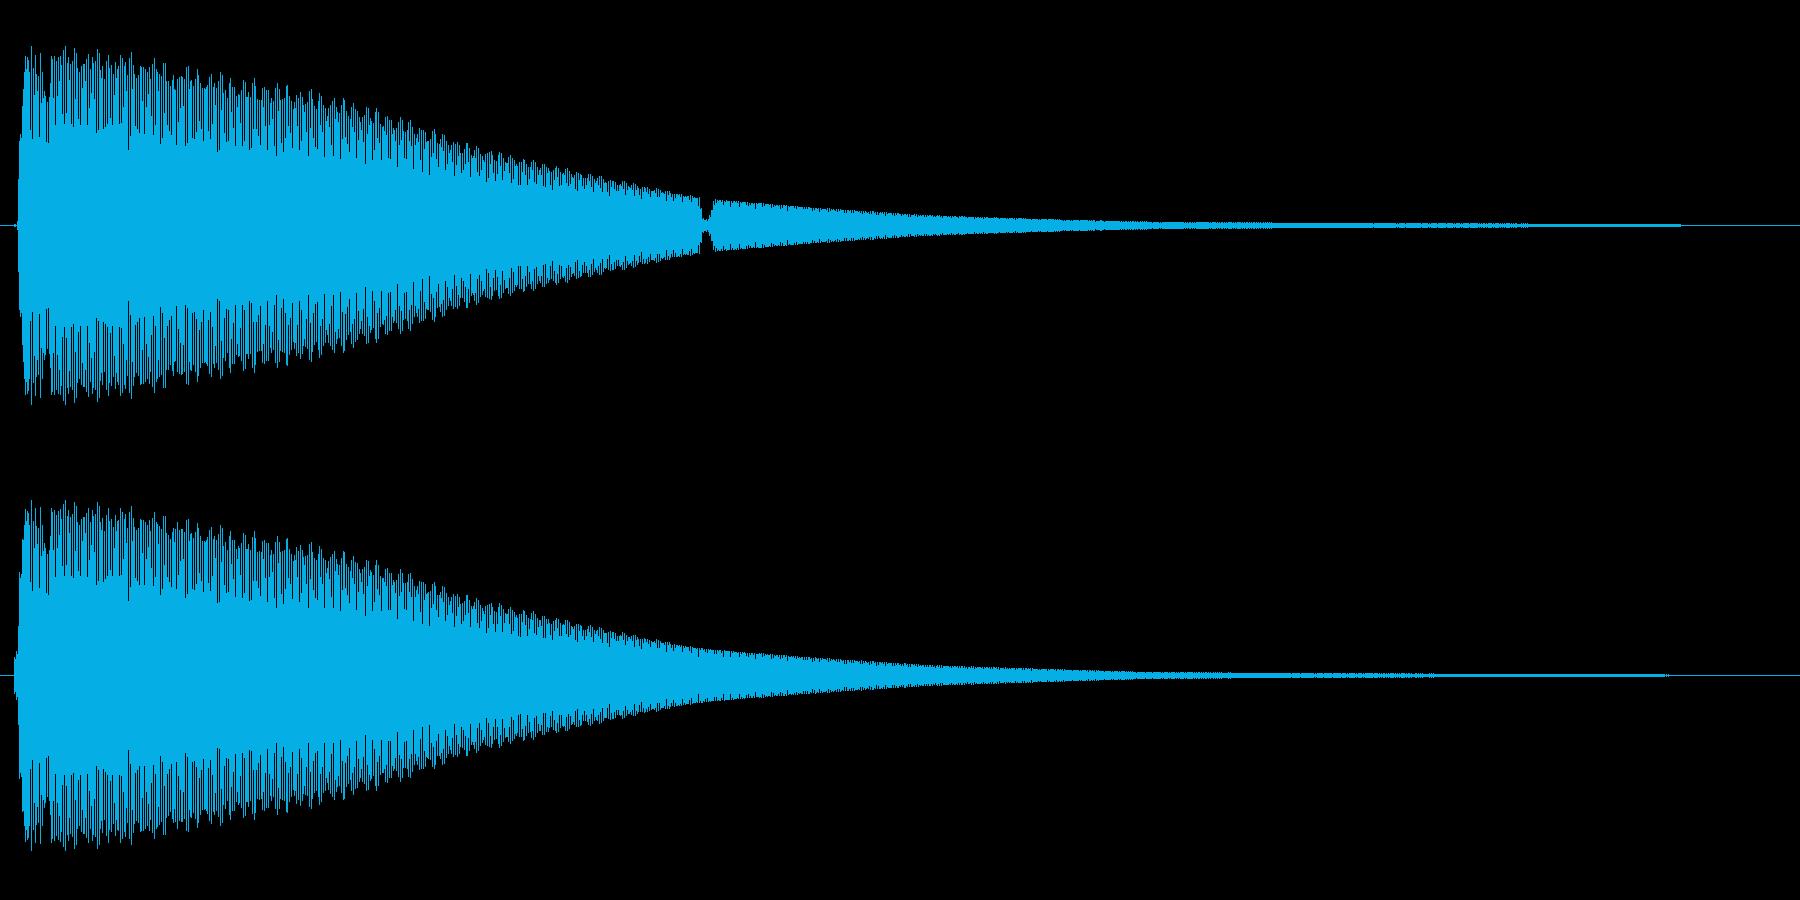 キーン(金属を叩いたような音)の再生済みの波形